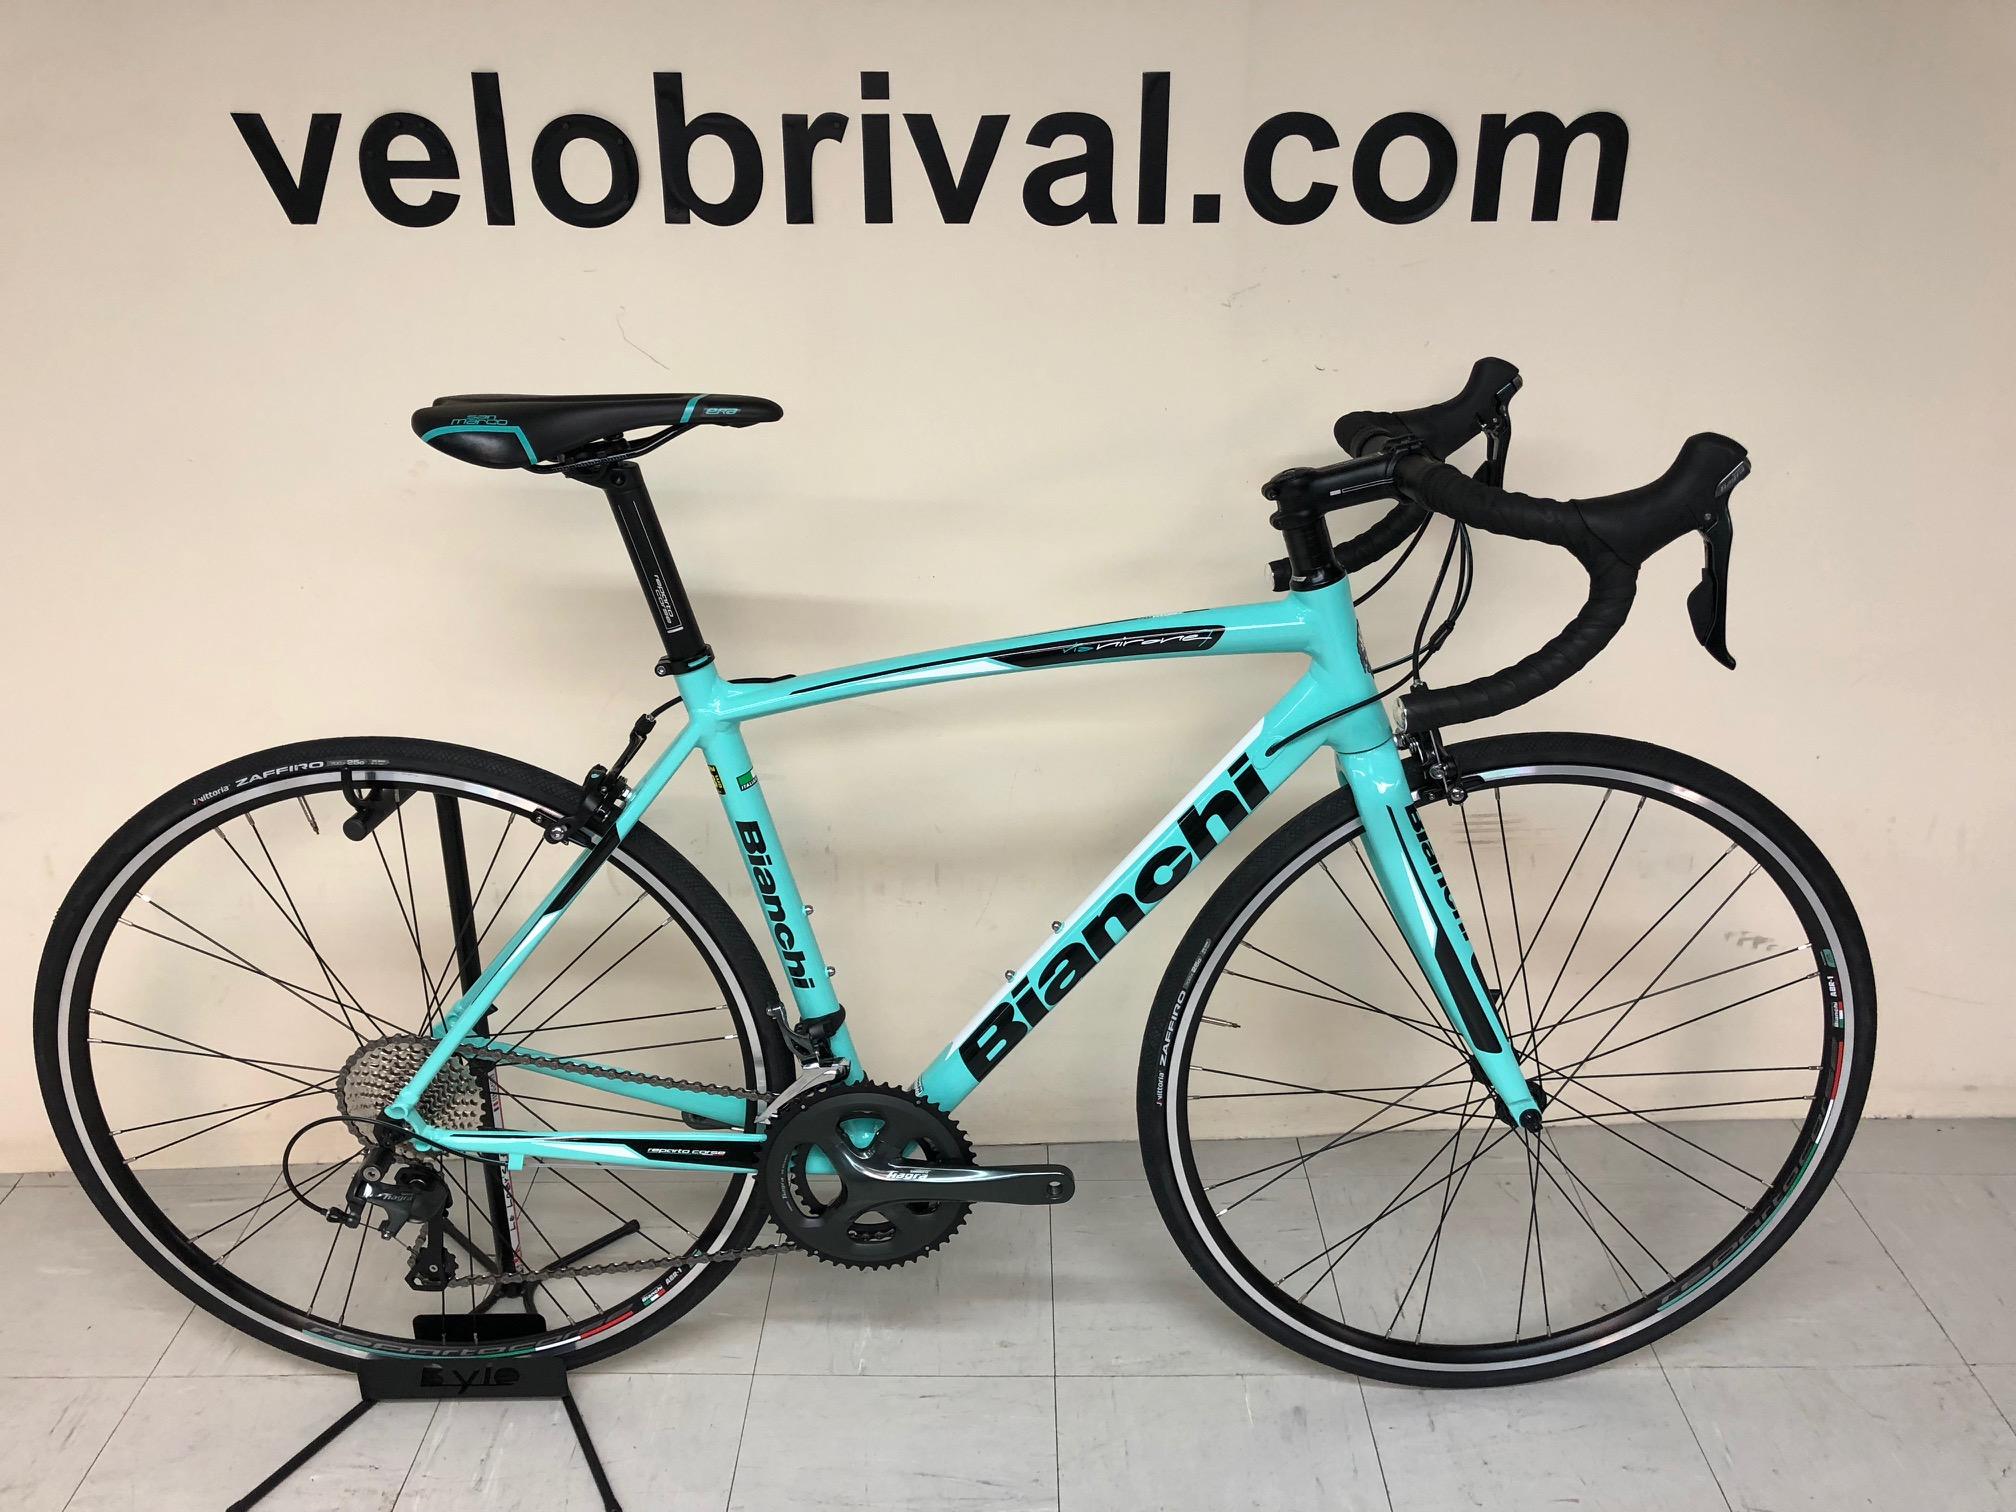 8b368c027a5 Le Bianchi Via Nirone 7 Tiagra est un Vélo de route Bianchi, performant et  polyvalent, son cadre en aluminium est léger et confortable.